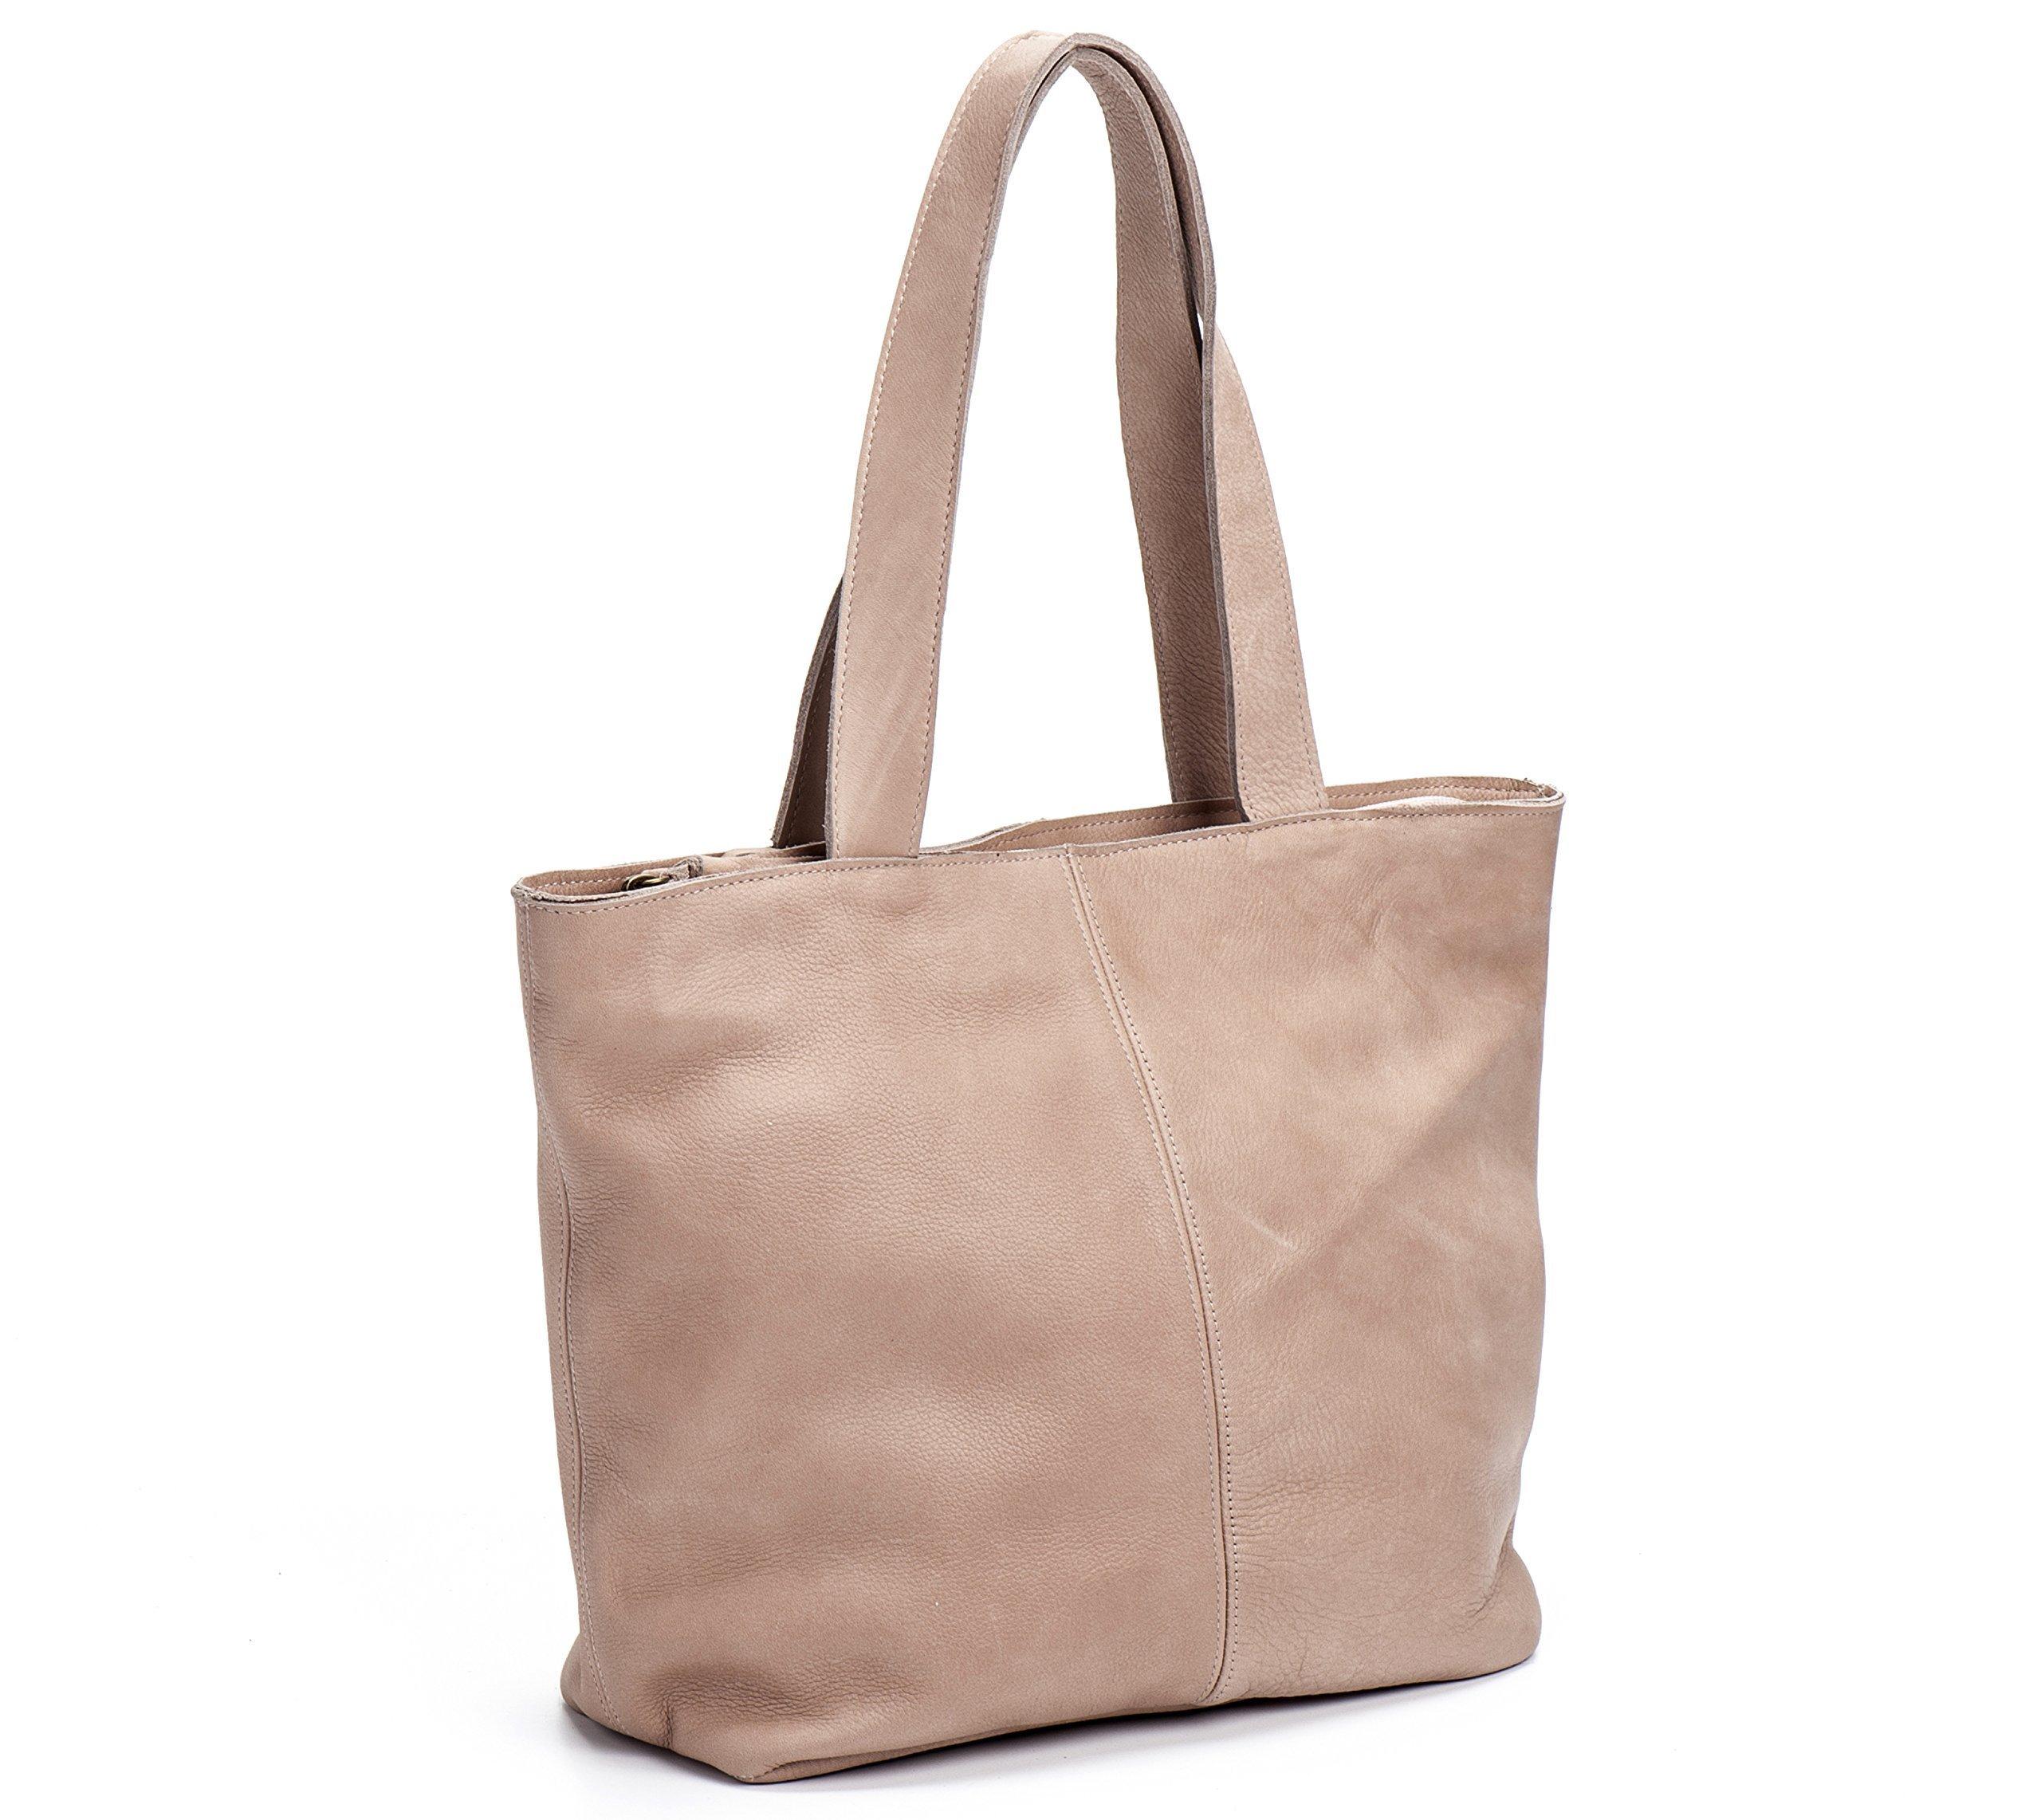 Handmade Designer Blush Genuine Leather Tote Bag by MeitaLev